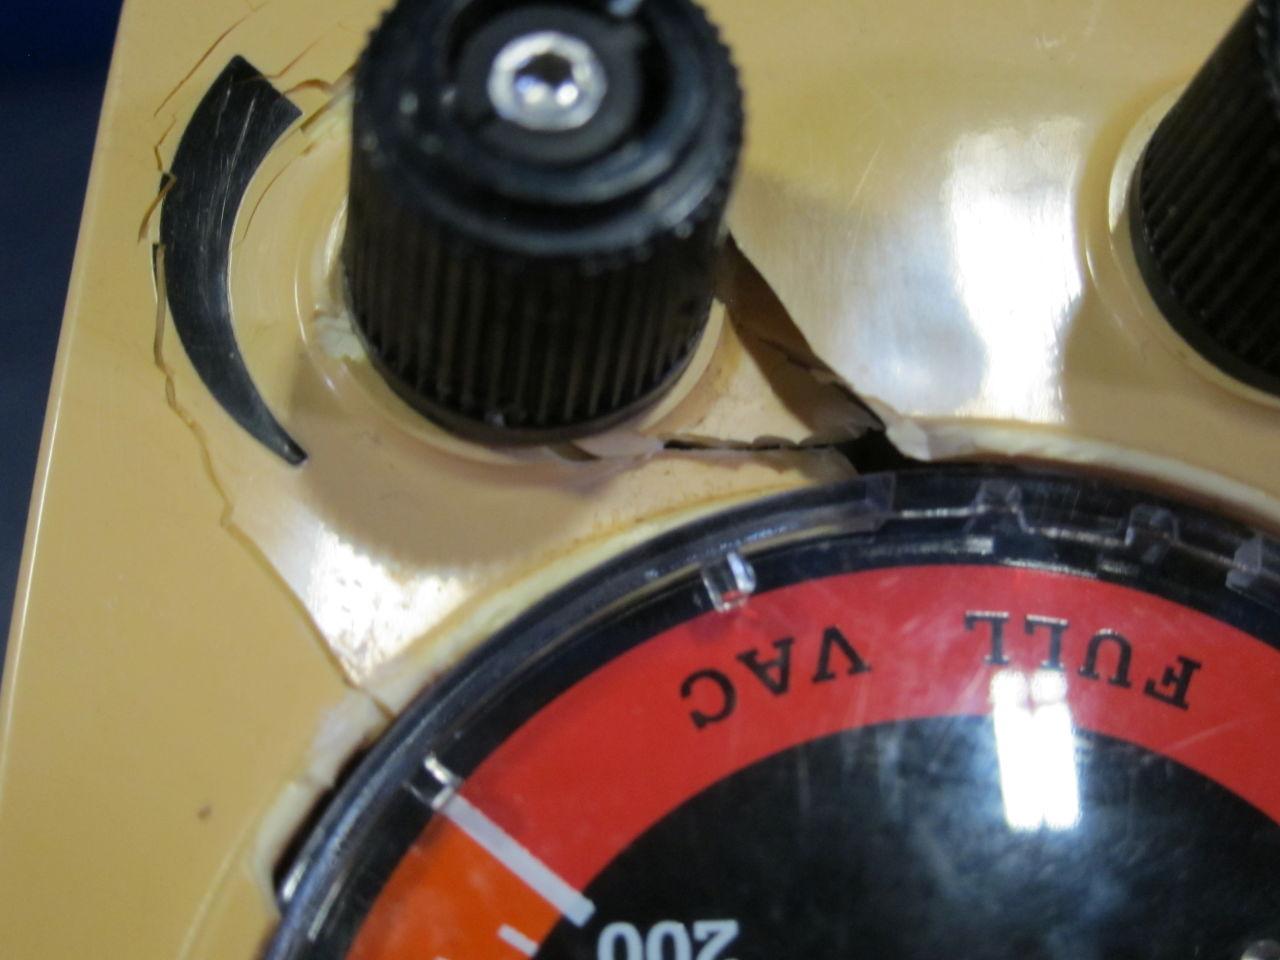 OHMEDA   - Lot of 3 Vacuum Equipment